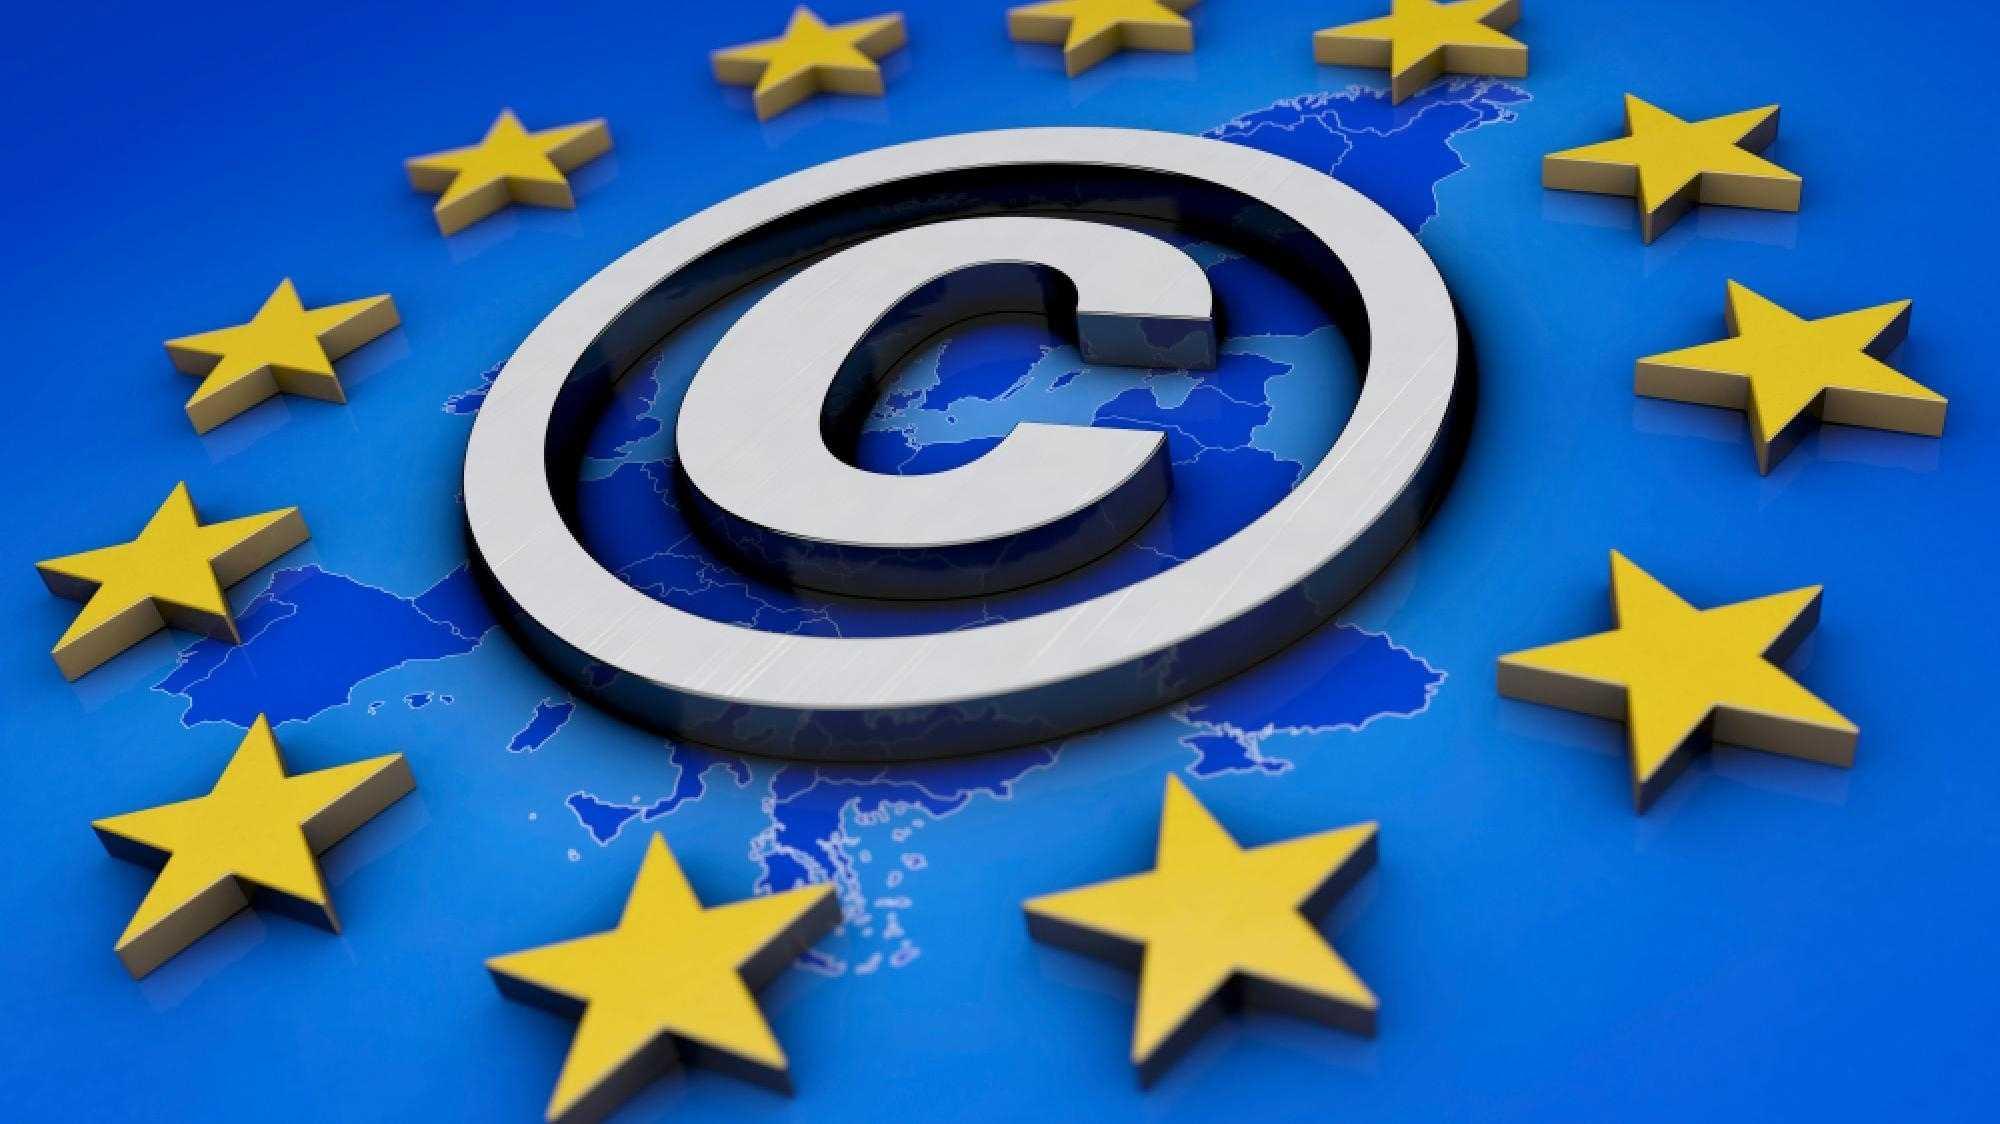 EU-Urheberrechtsreform: Hollywood und Google vereint in der außerparlamentarischen Opposition